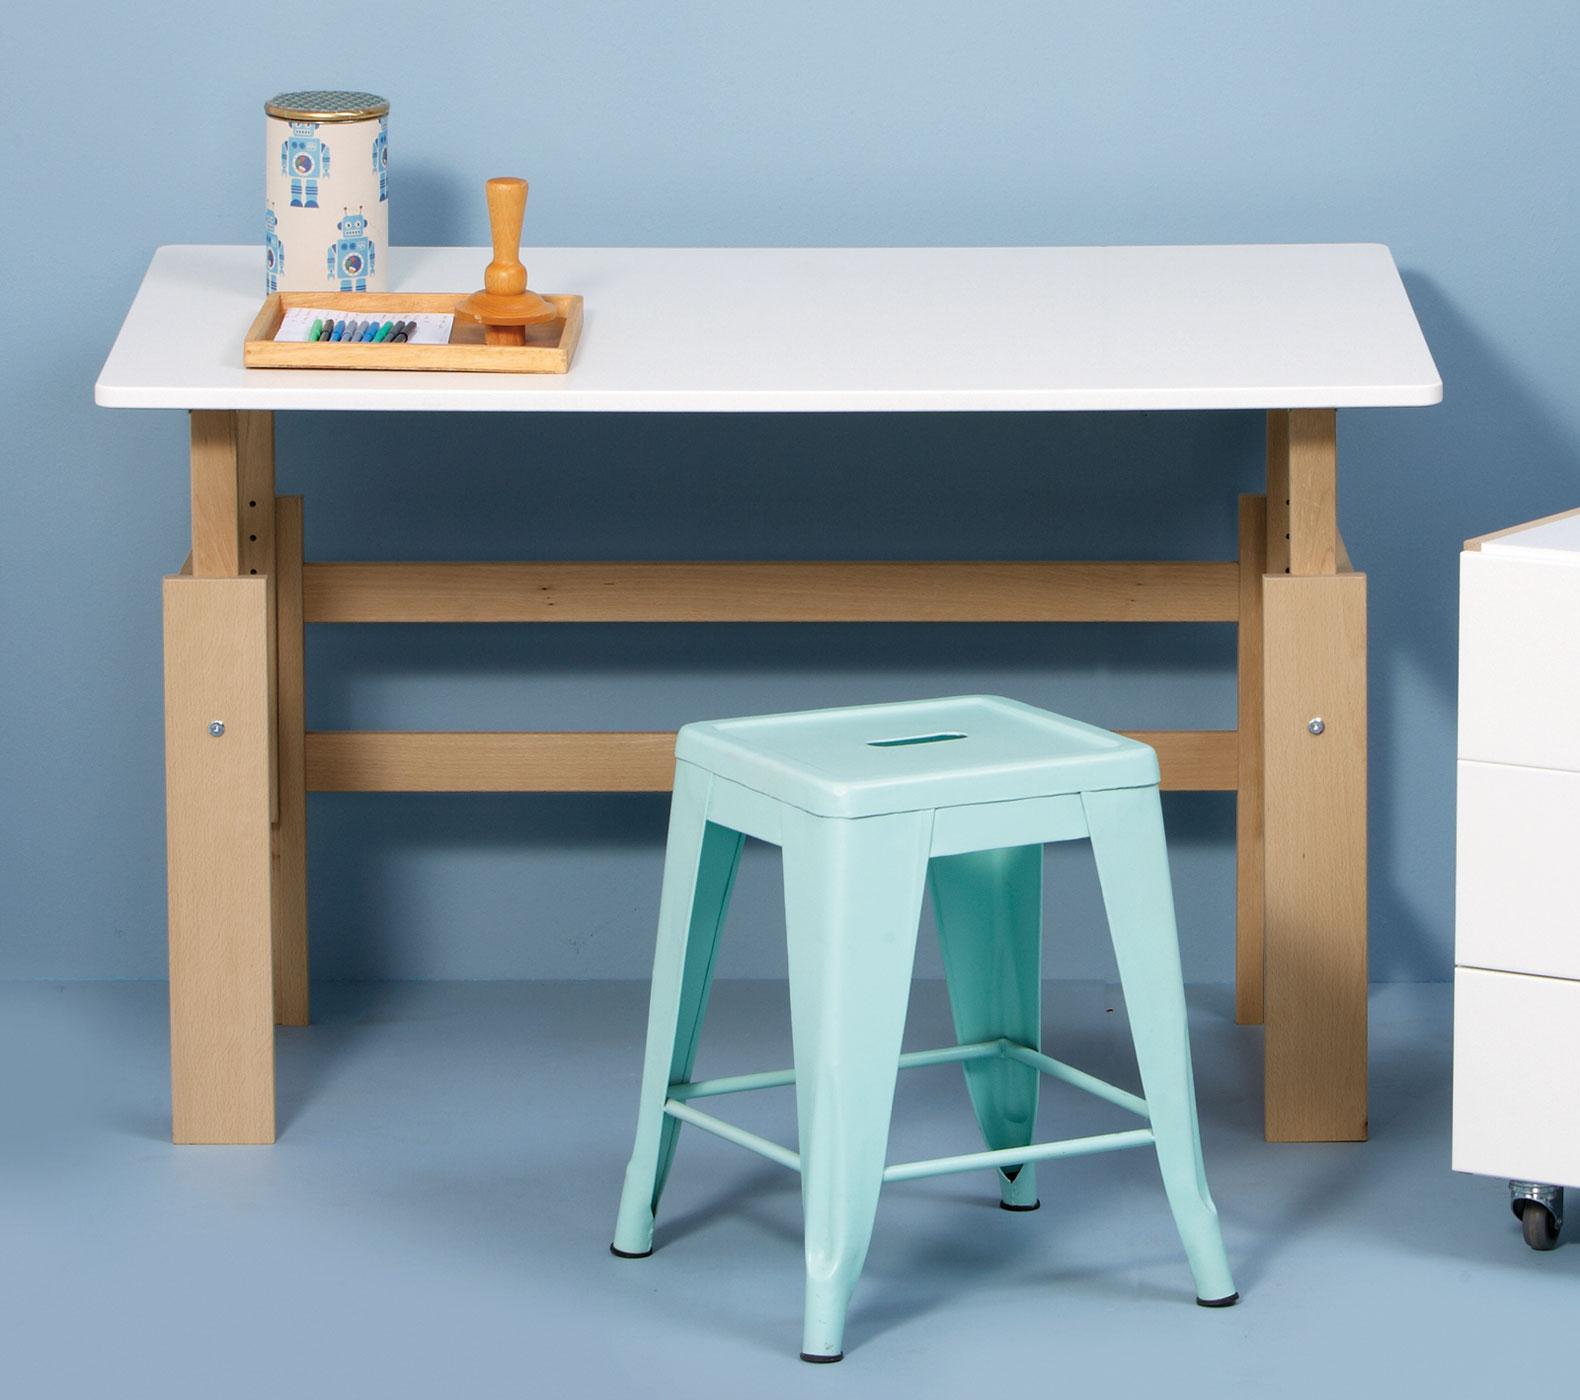 Kinderschreibtisch design höhenverstellbar  Höhenverstellbarer Kinder-Schreibtisch aus Buche - Kids Town